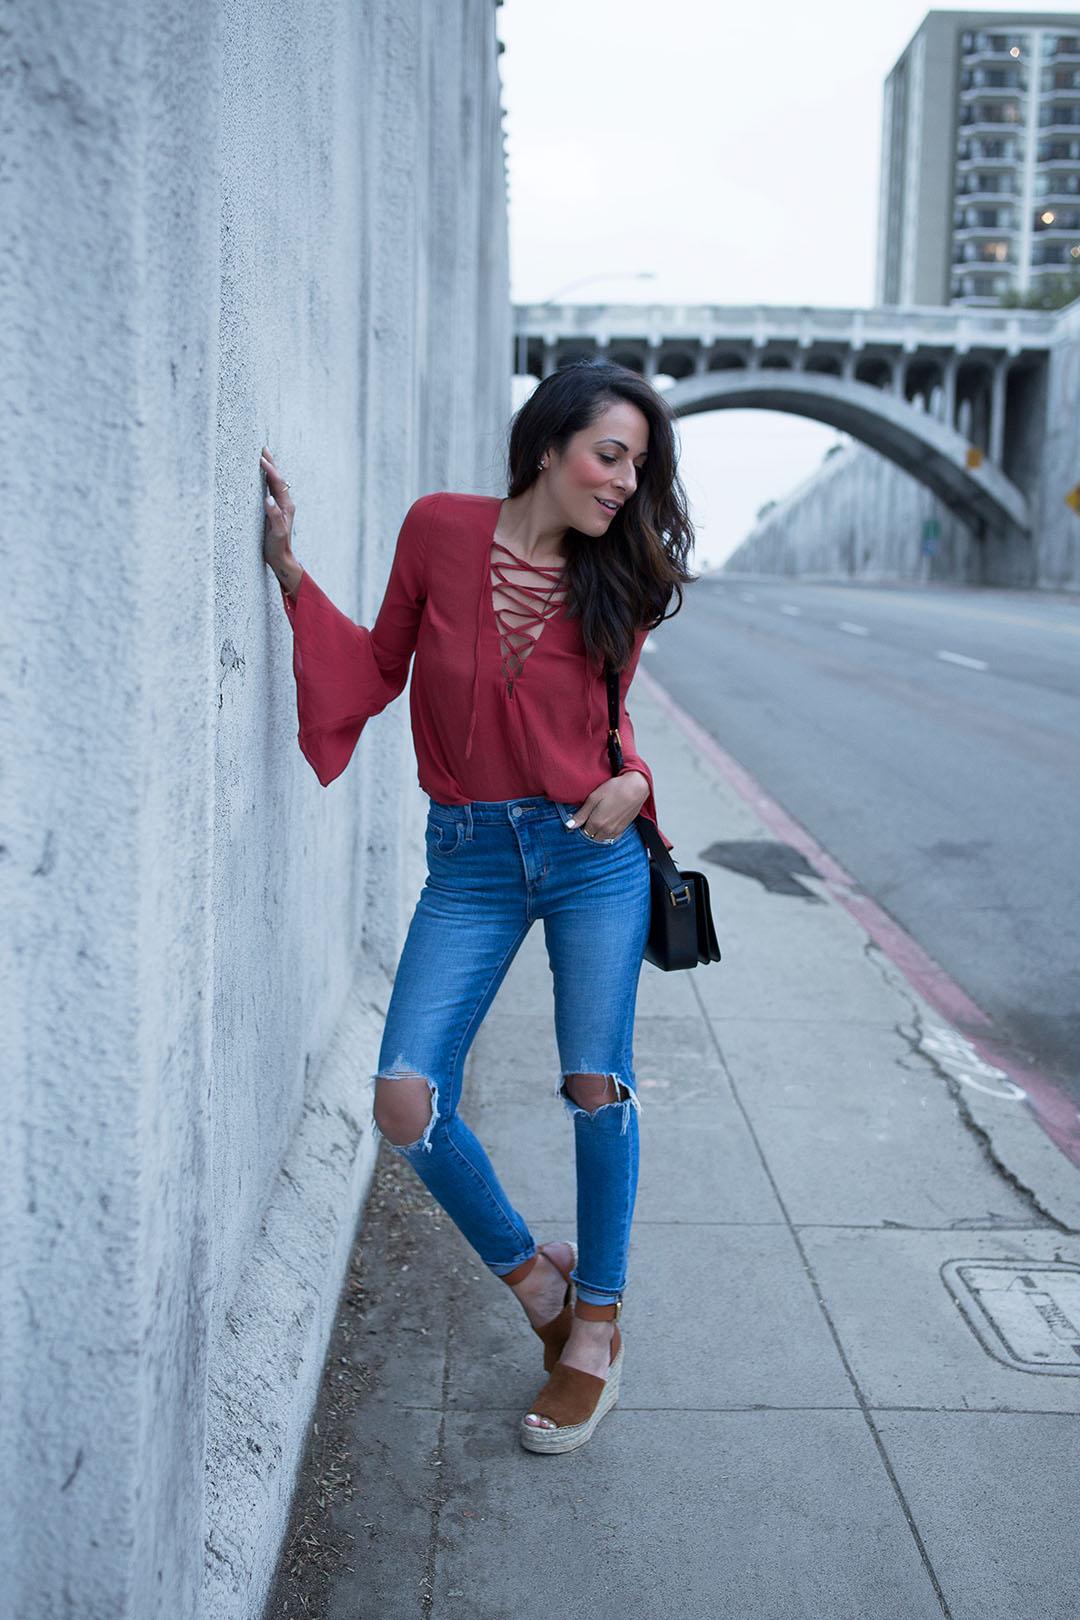 Forever21-Levis-SaintLaurent-Fashion-Blogger-LucysWhims.jpg